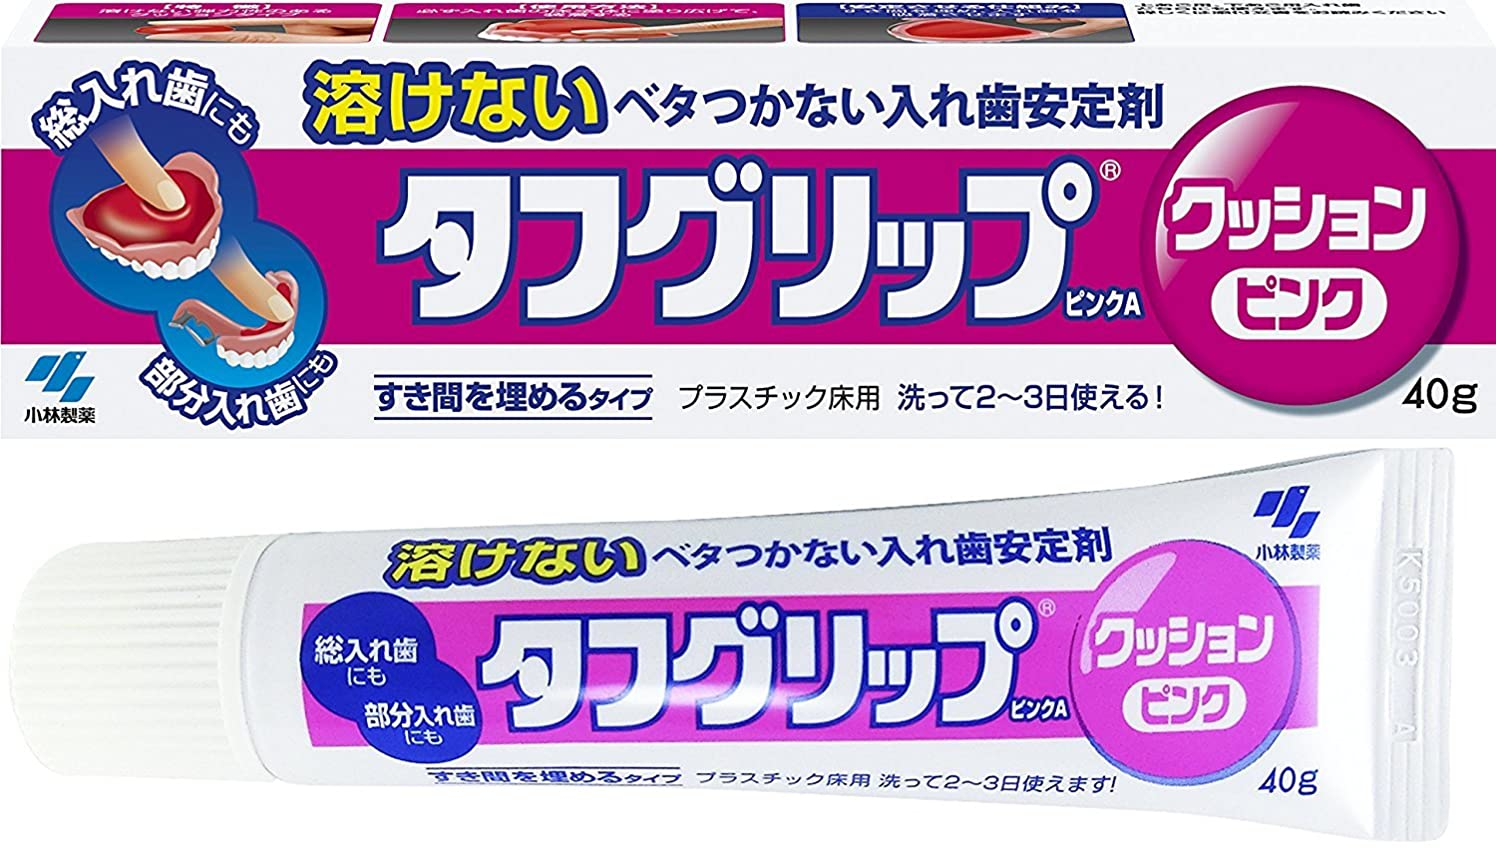 神聖金額盗難タフグリップクッション ピンク 入れ歯安定剤(総入れ歯?部分入れ歯) 40g